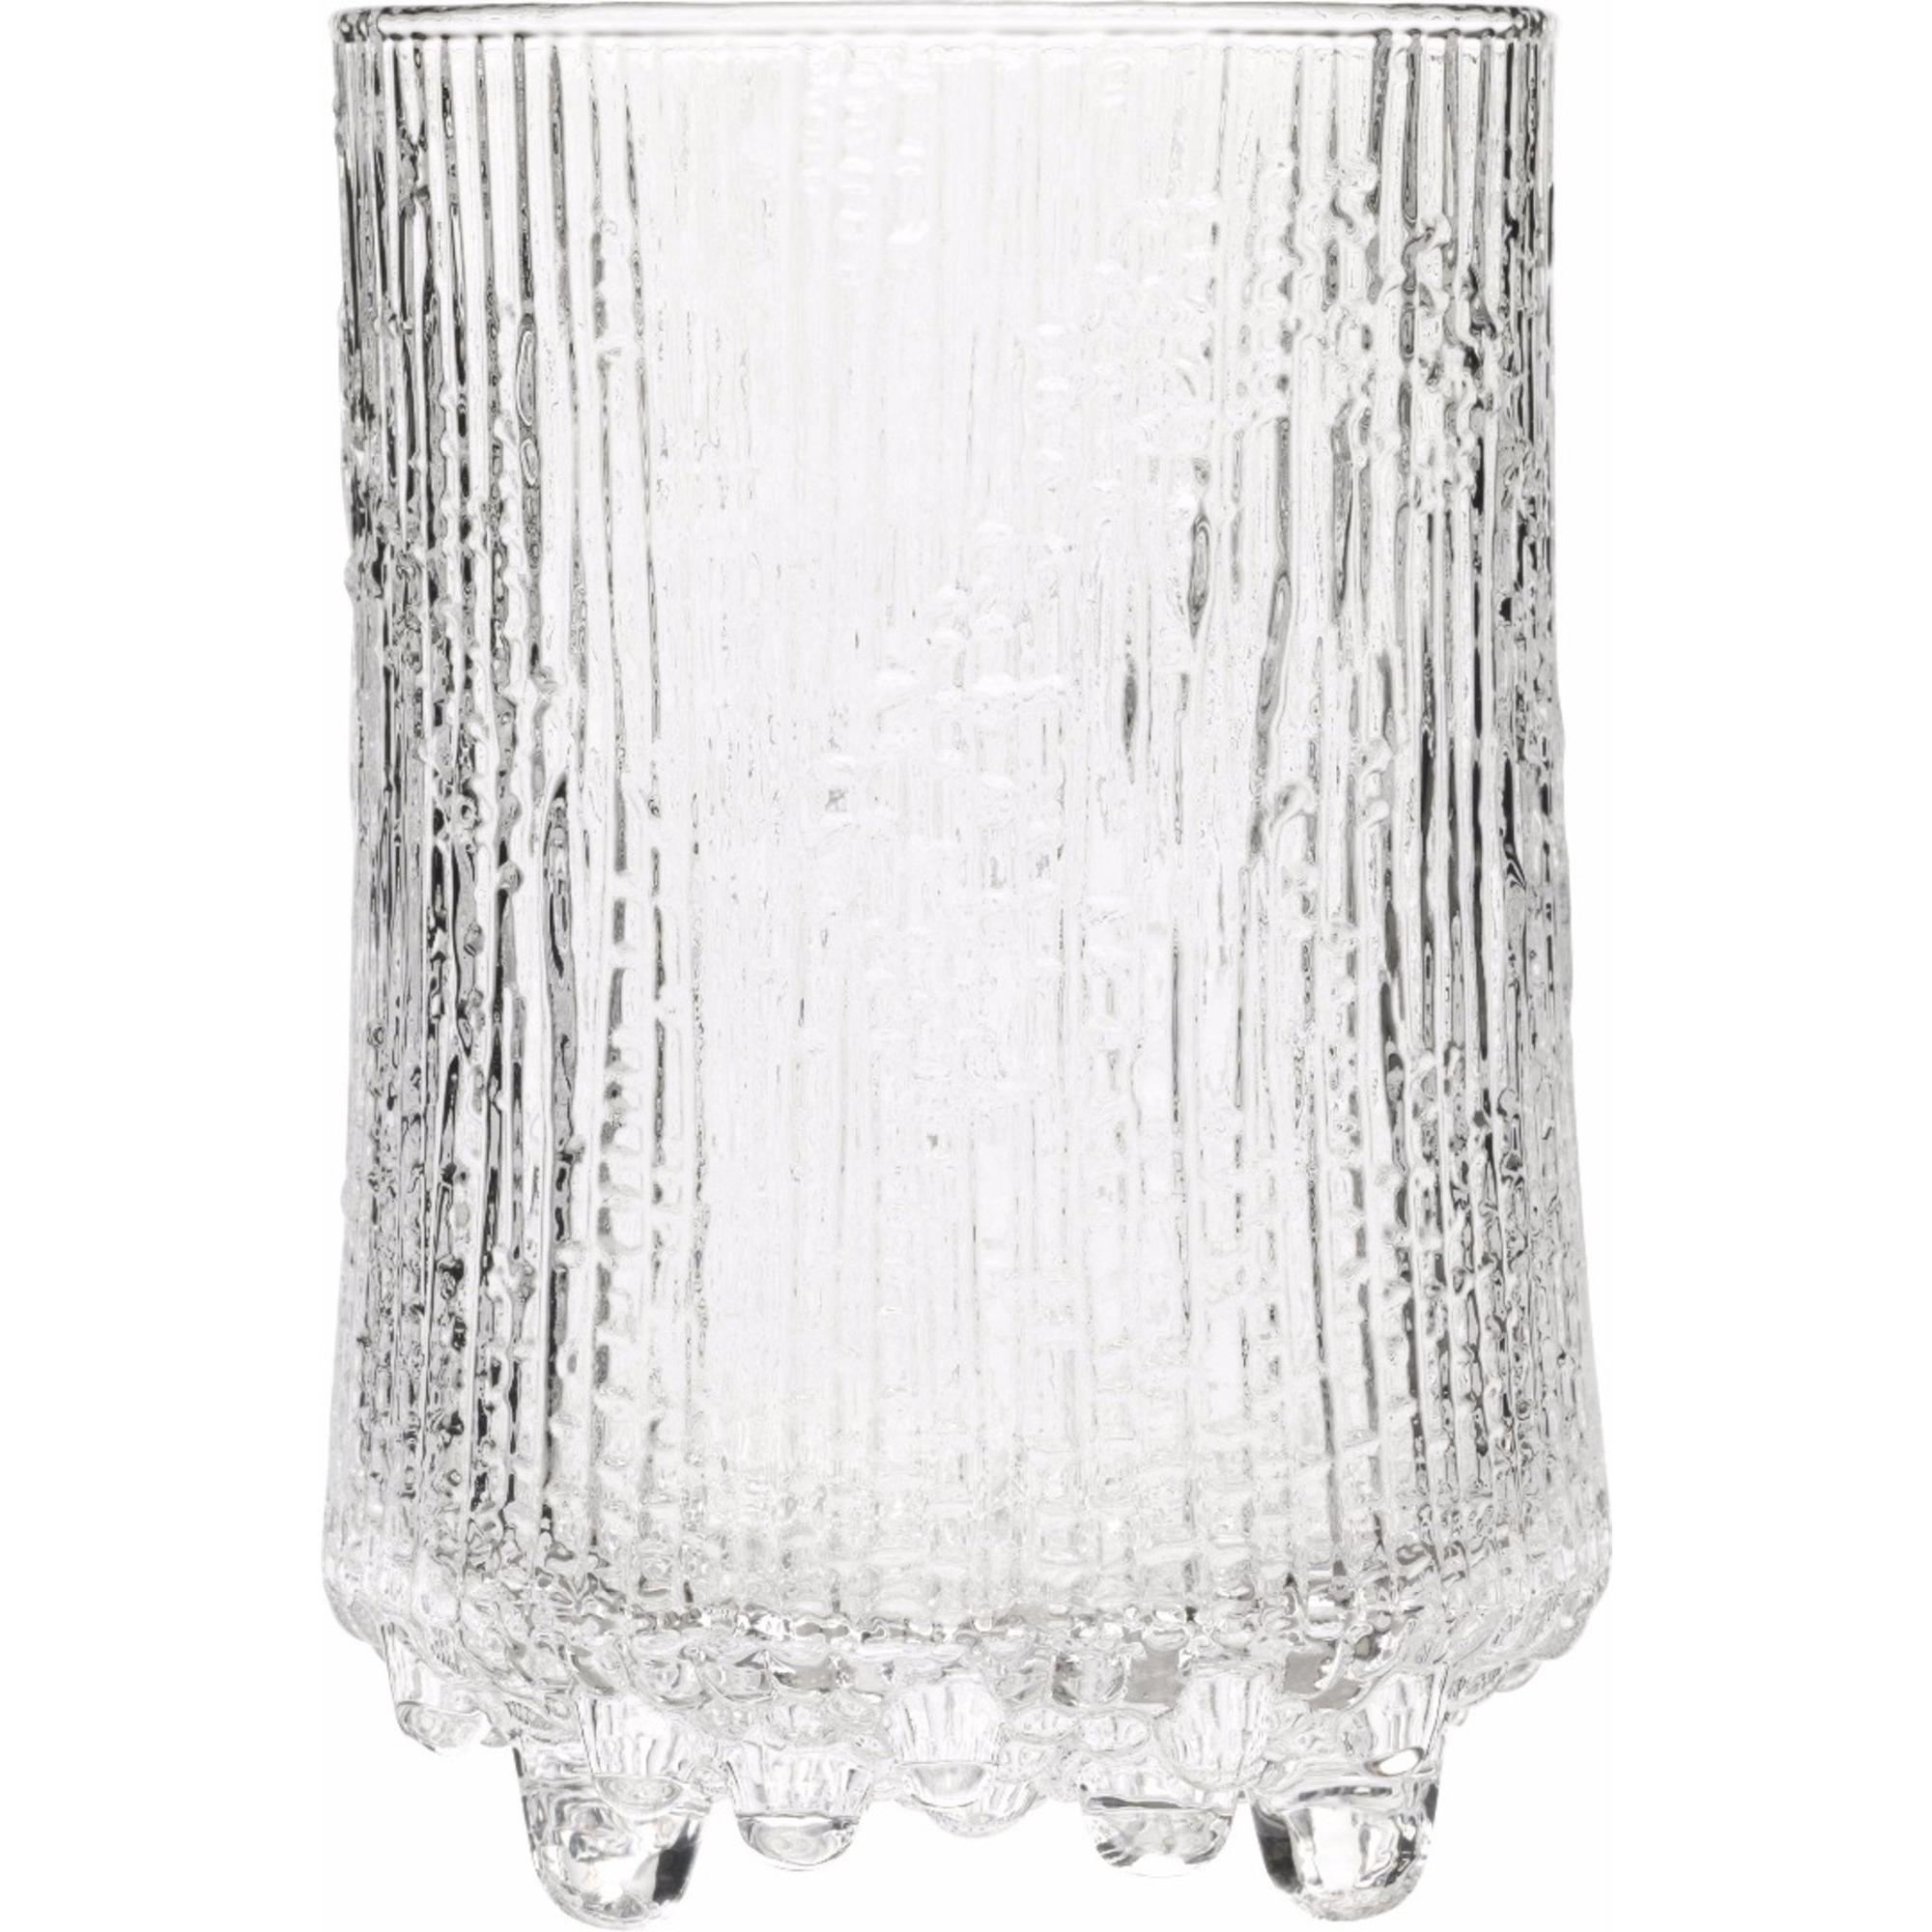 Iittala Ölglas 38 cl. 2 stk.